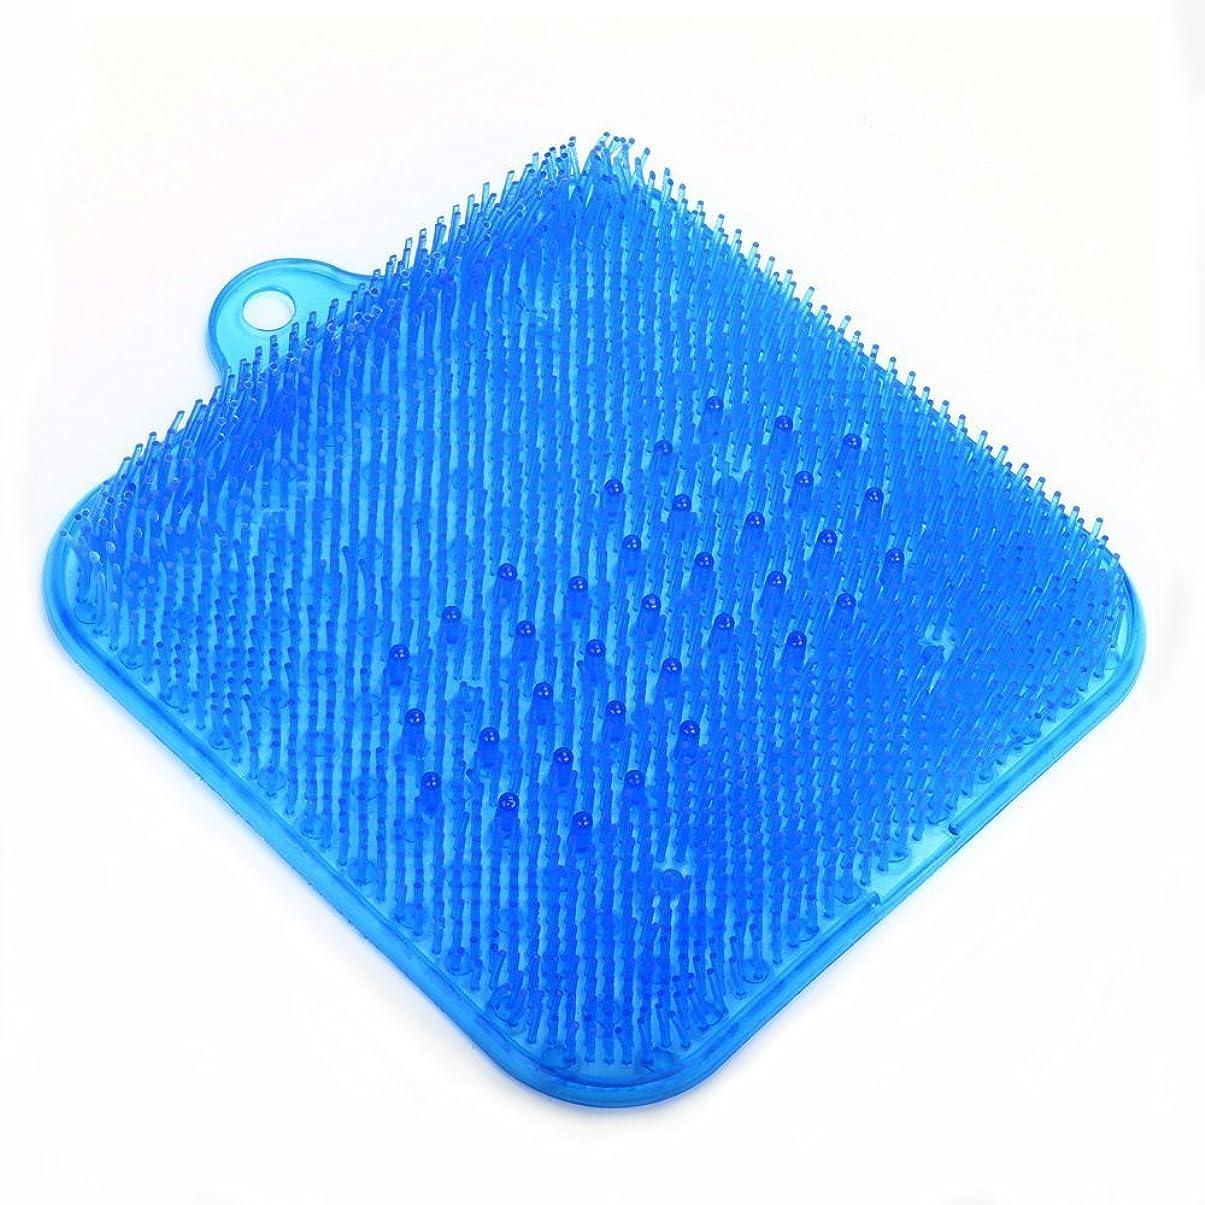 大学院とげ失礼なLIHAO 足洗いマット 足洗い用 バスマット マッサージマット 汚れ角質除去 ストレス解消 壁掛けフック付き ブルー